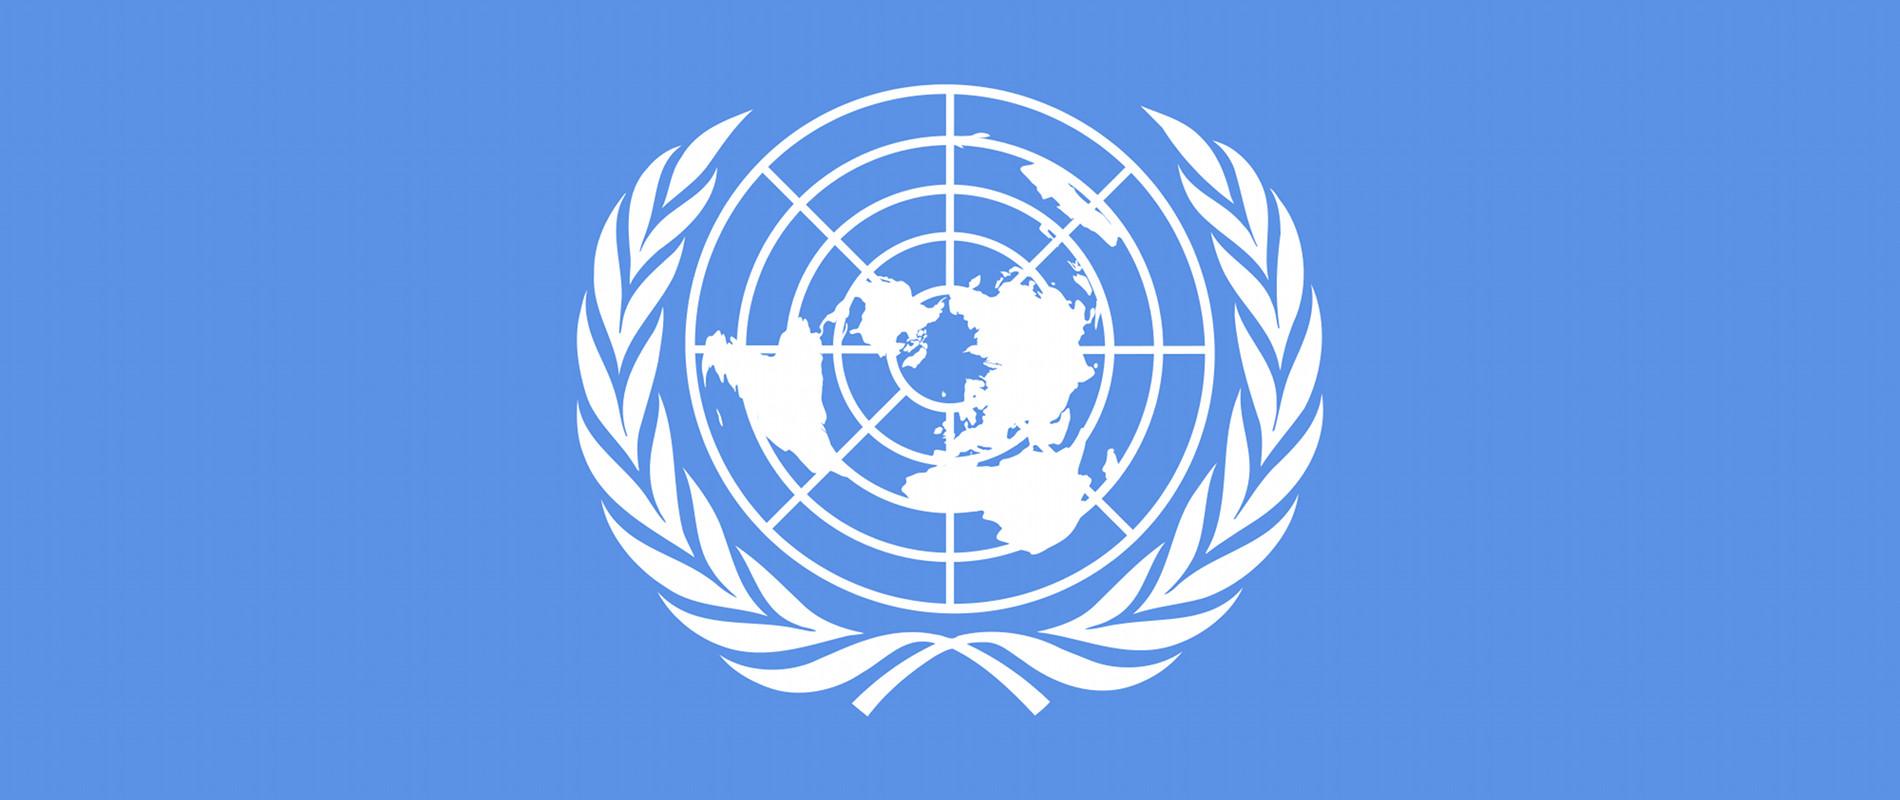 Dix ans après l'entrée en vigueur du protocole de Kyoto